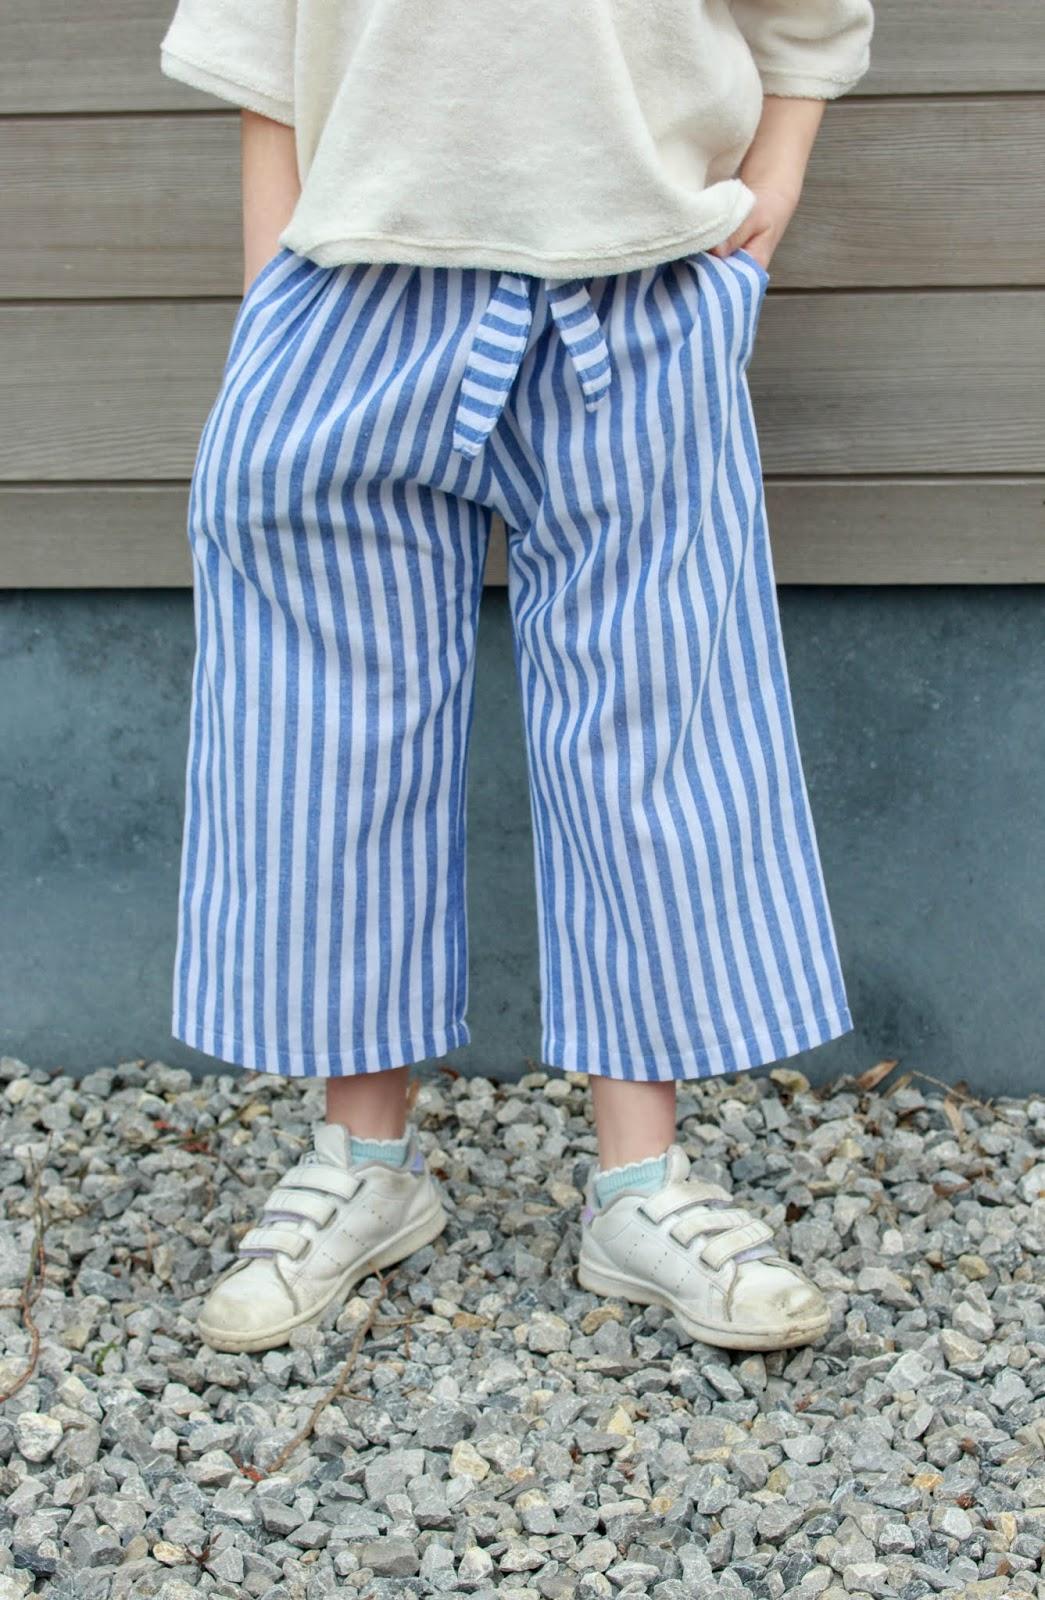 728ef2dfd52d06 Patronen  Clara Culotte - WISJ Designs Nellie naveltruitje - Smospotten    Snoesjes Stoffen  Broek  De Stoffenkamer Truitje  Mon Depot